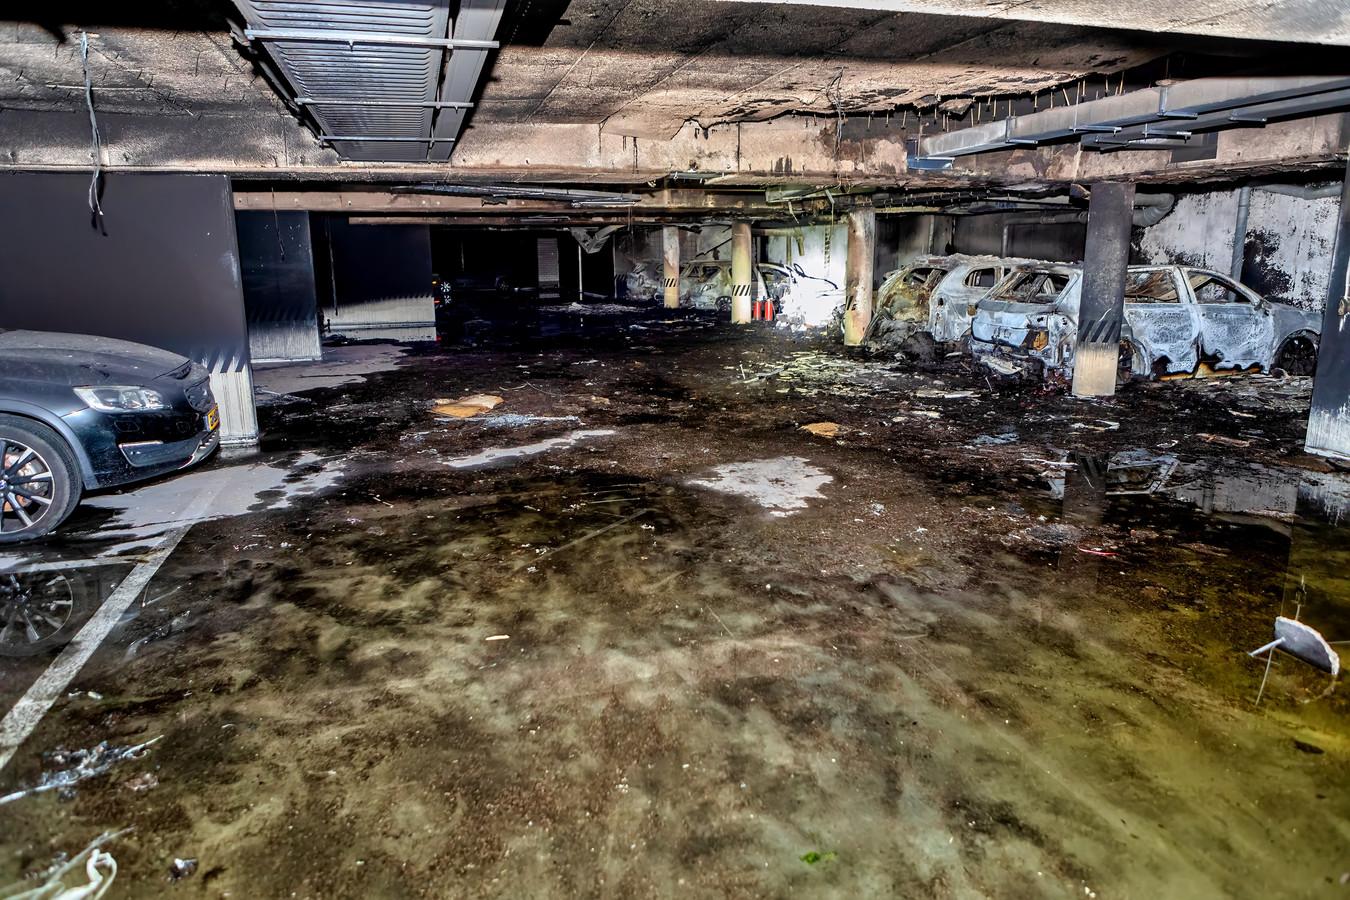 De ravage na de brand in het appartementencomplex aan de Stadhouderslaan in Oosterhout.